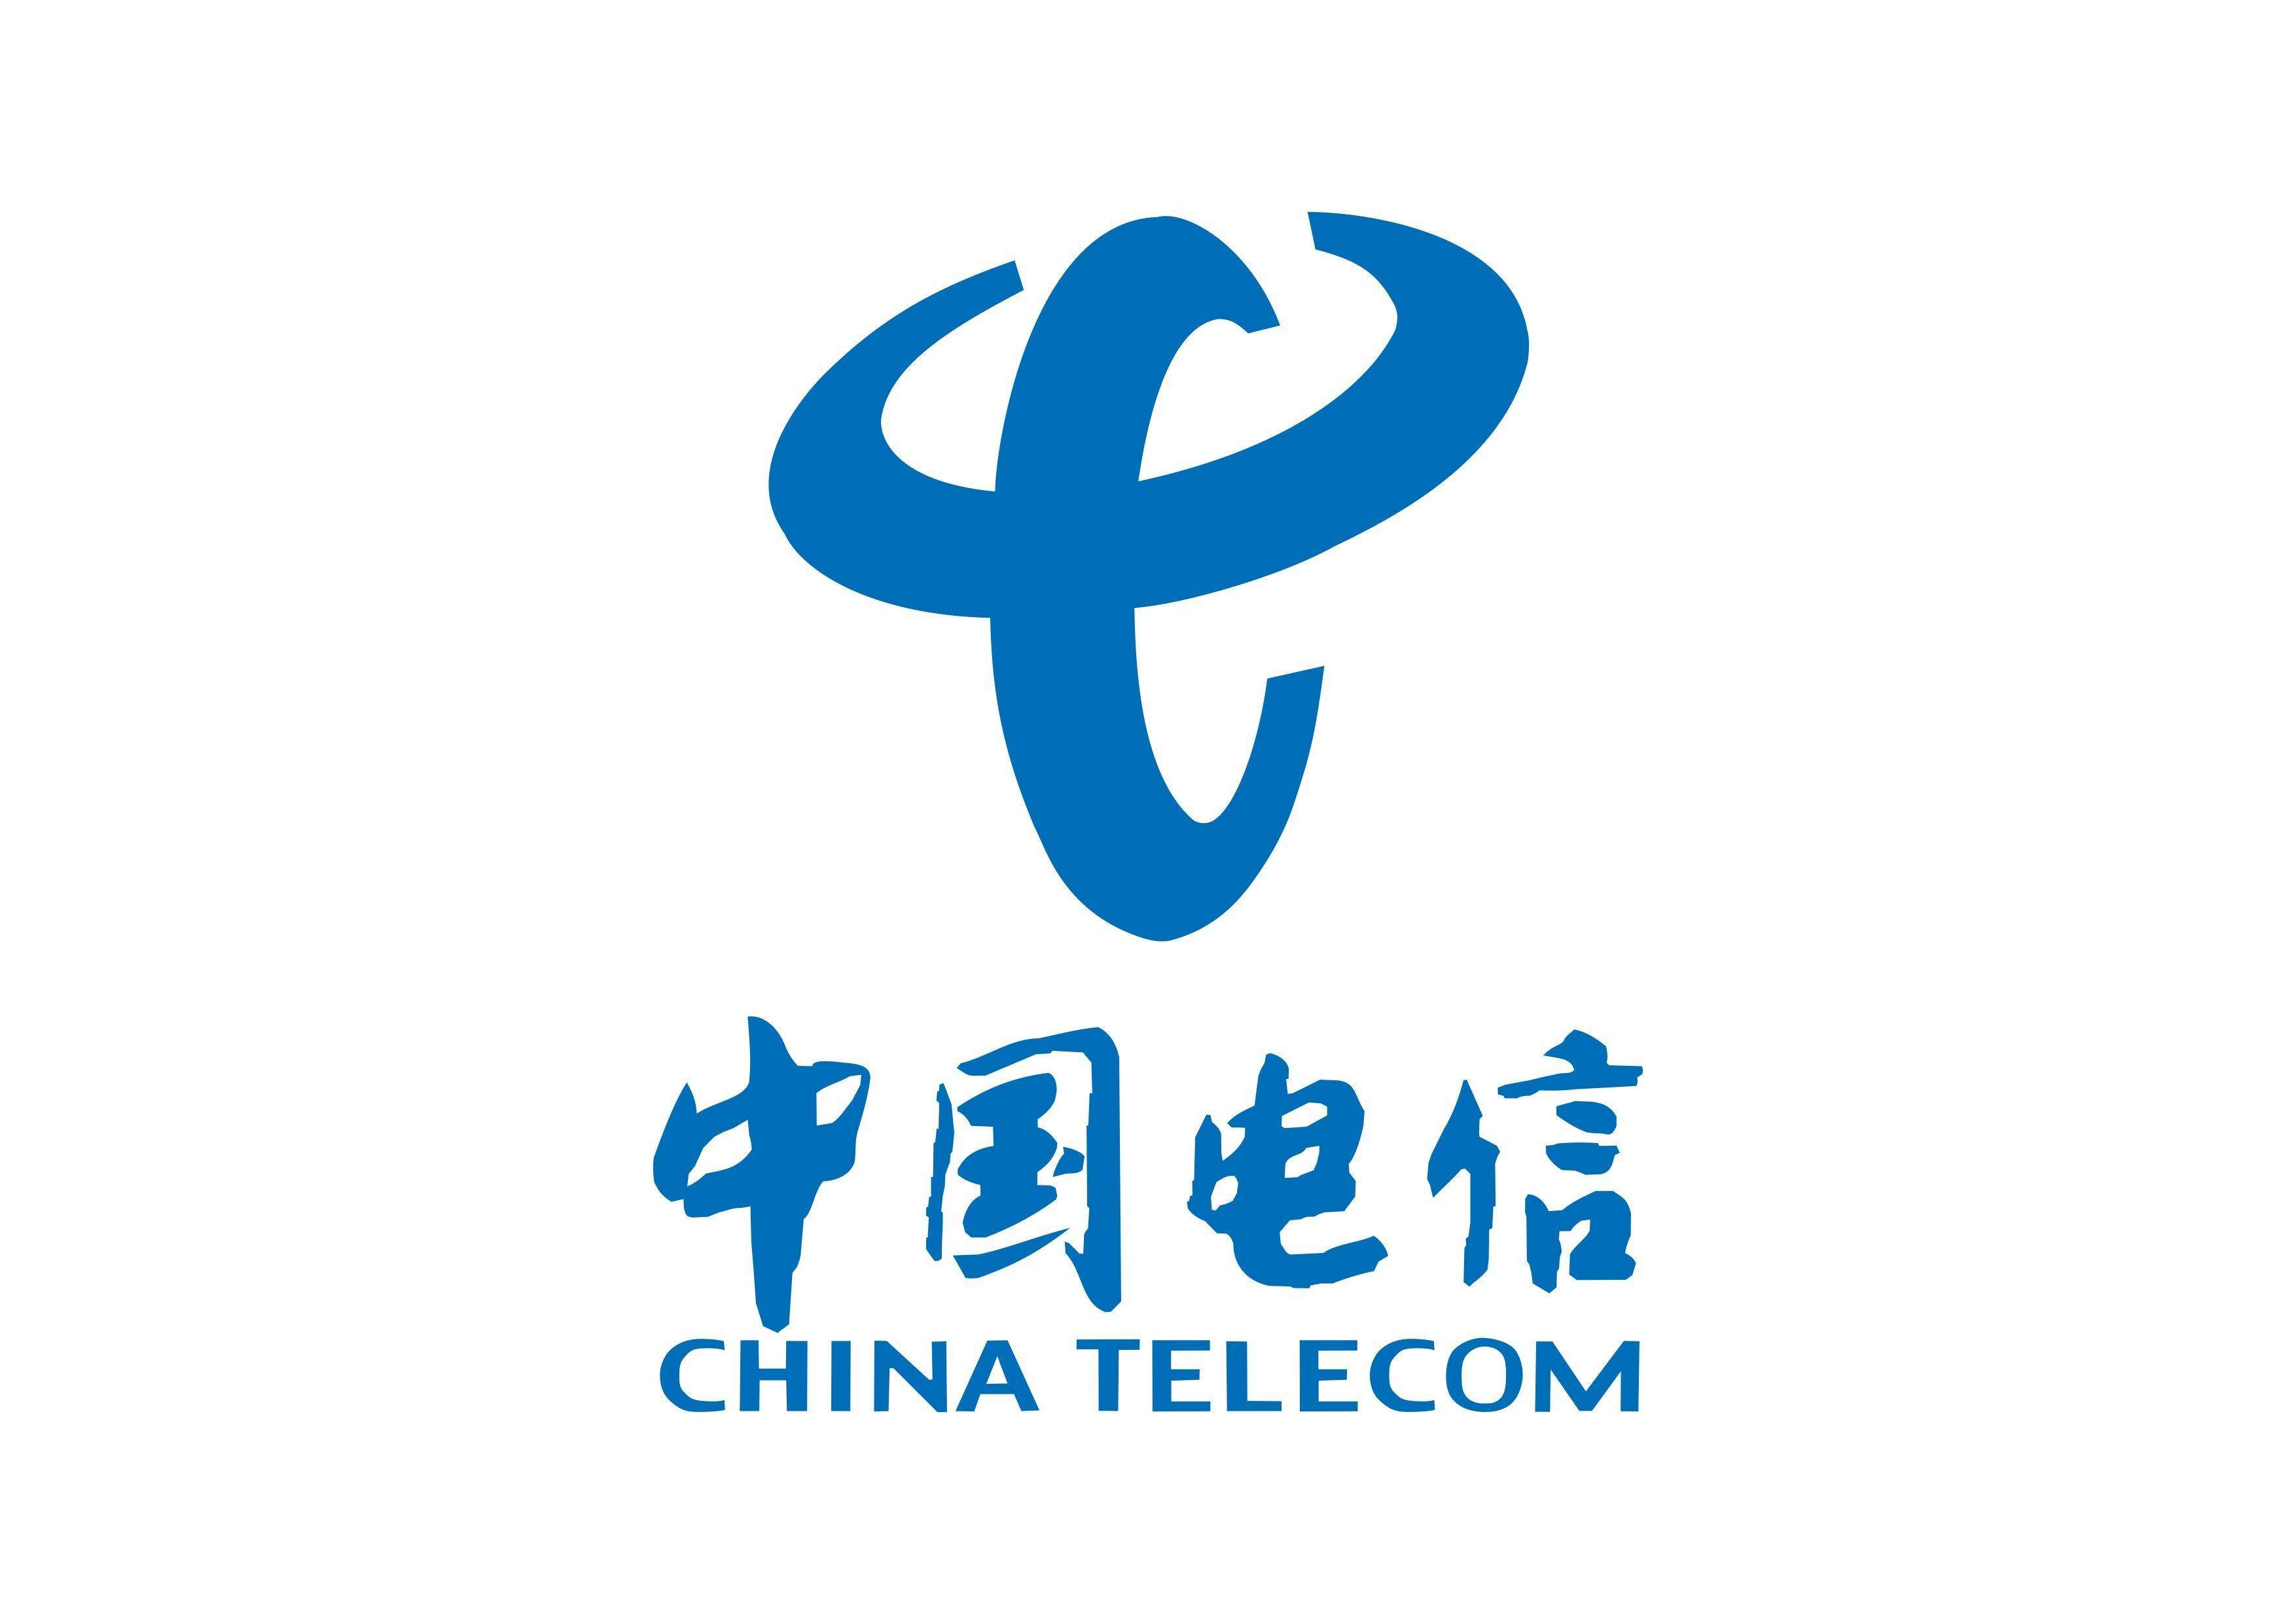 中国电信与六分科技进行战略投资将共同推动5G产业开放合作